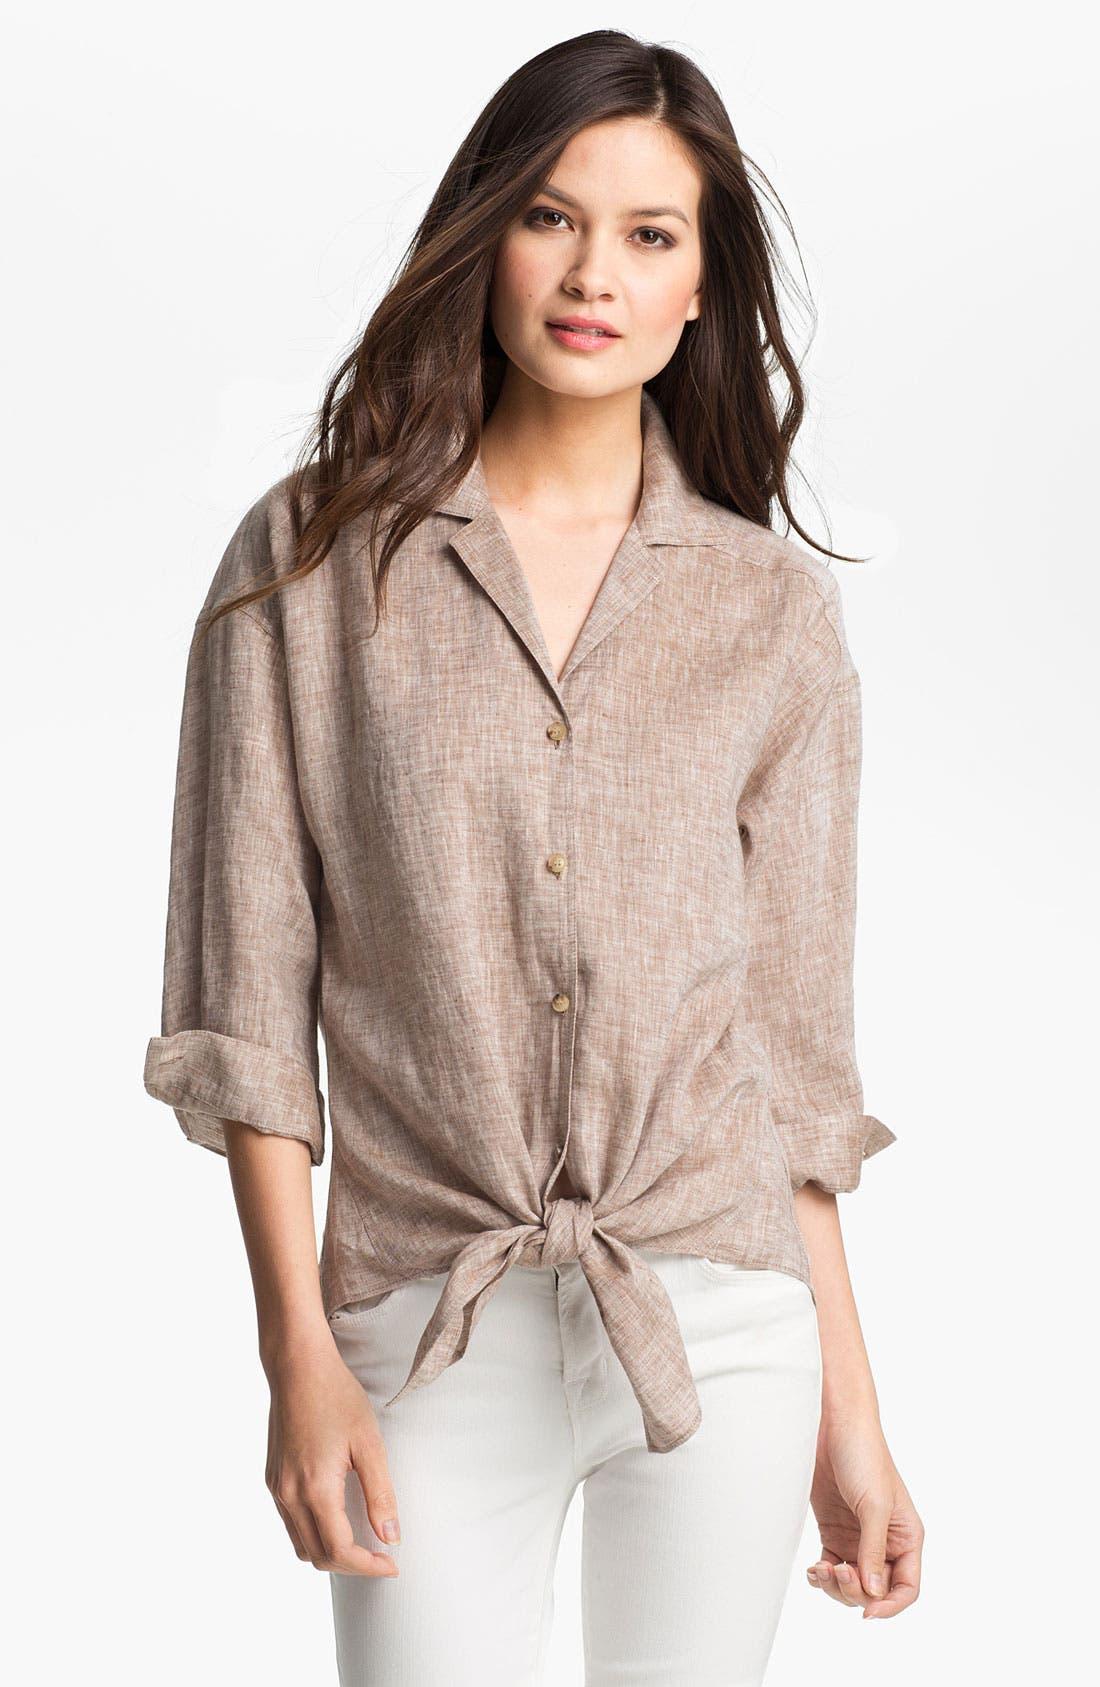 Alternate Image 1 Selected - Lafayette 148 New York 'Lush' Cross Dye Linen Shirt